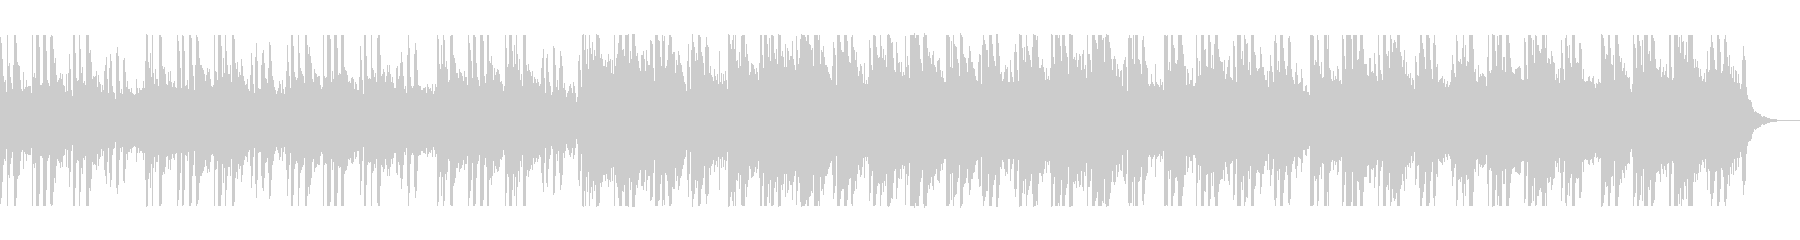 アコギ・アルペジオが美しいAOR系の未再生の波形